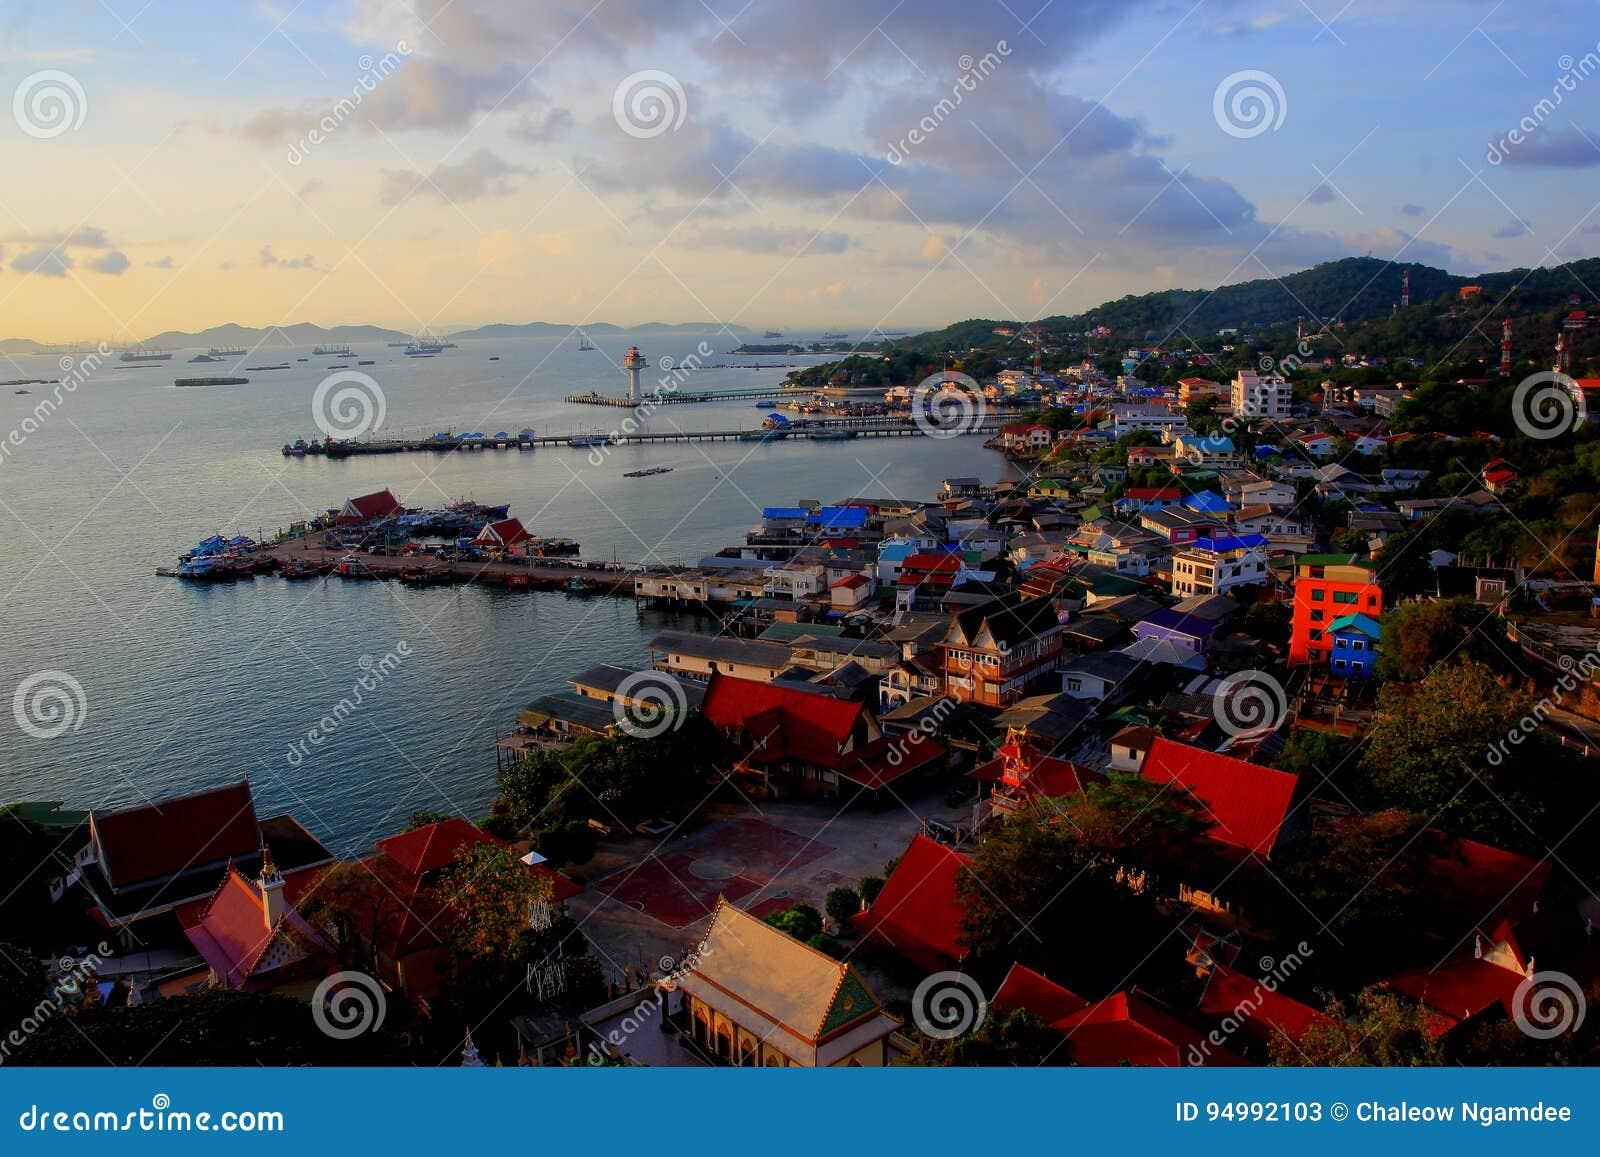 Aldeia piscatória do mar em Koh Si Chang